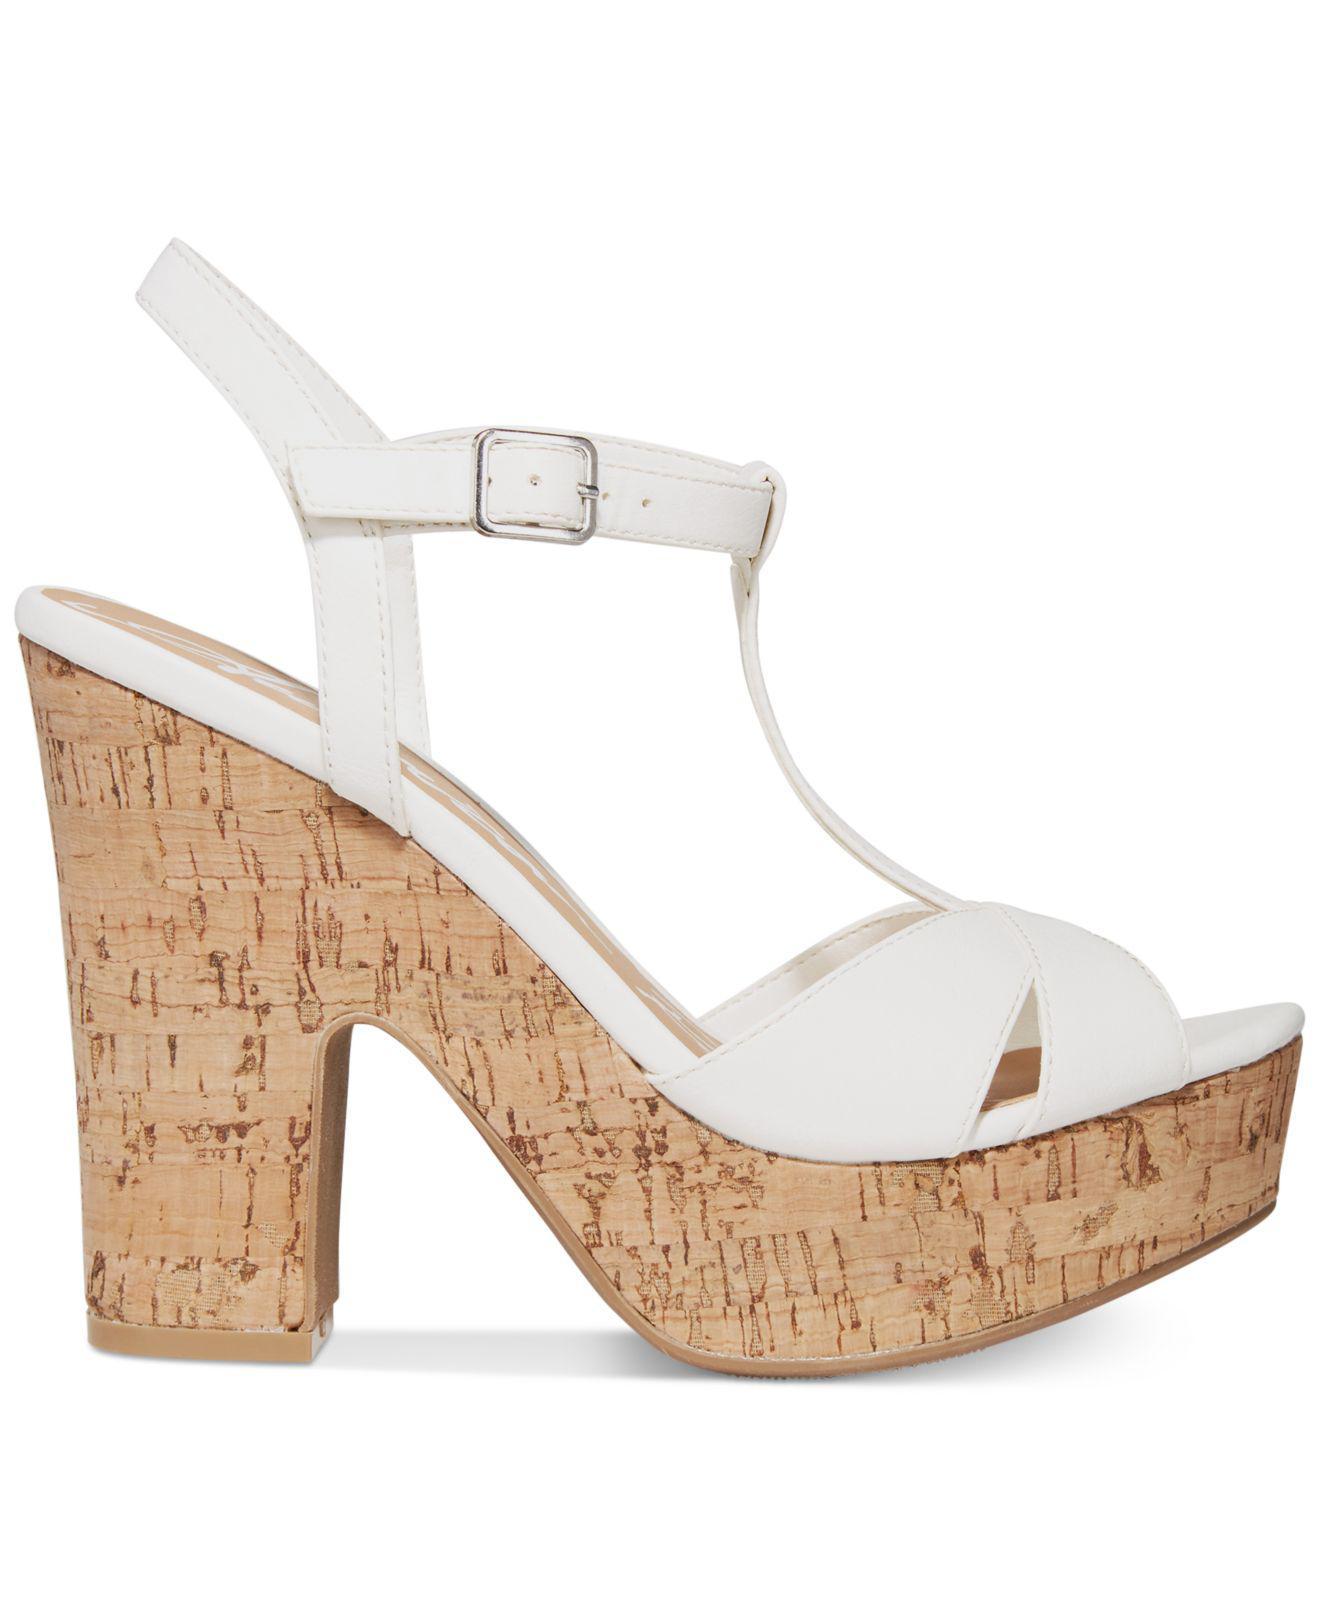 42d818c9d5d Lyst - American Rag Jamie T-strap Platform Dress Sandals